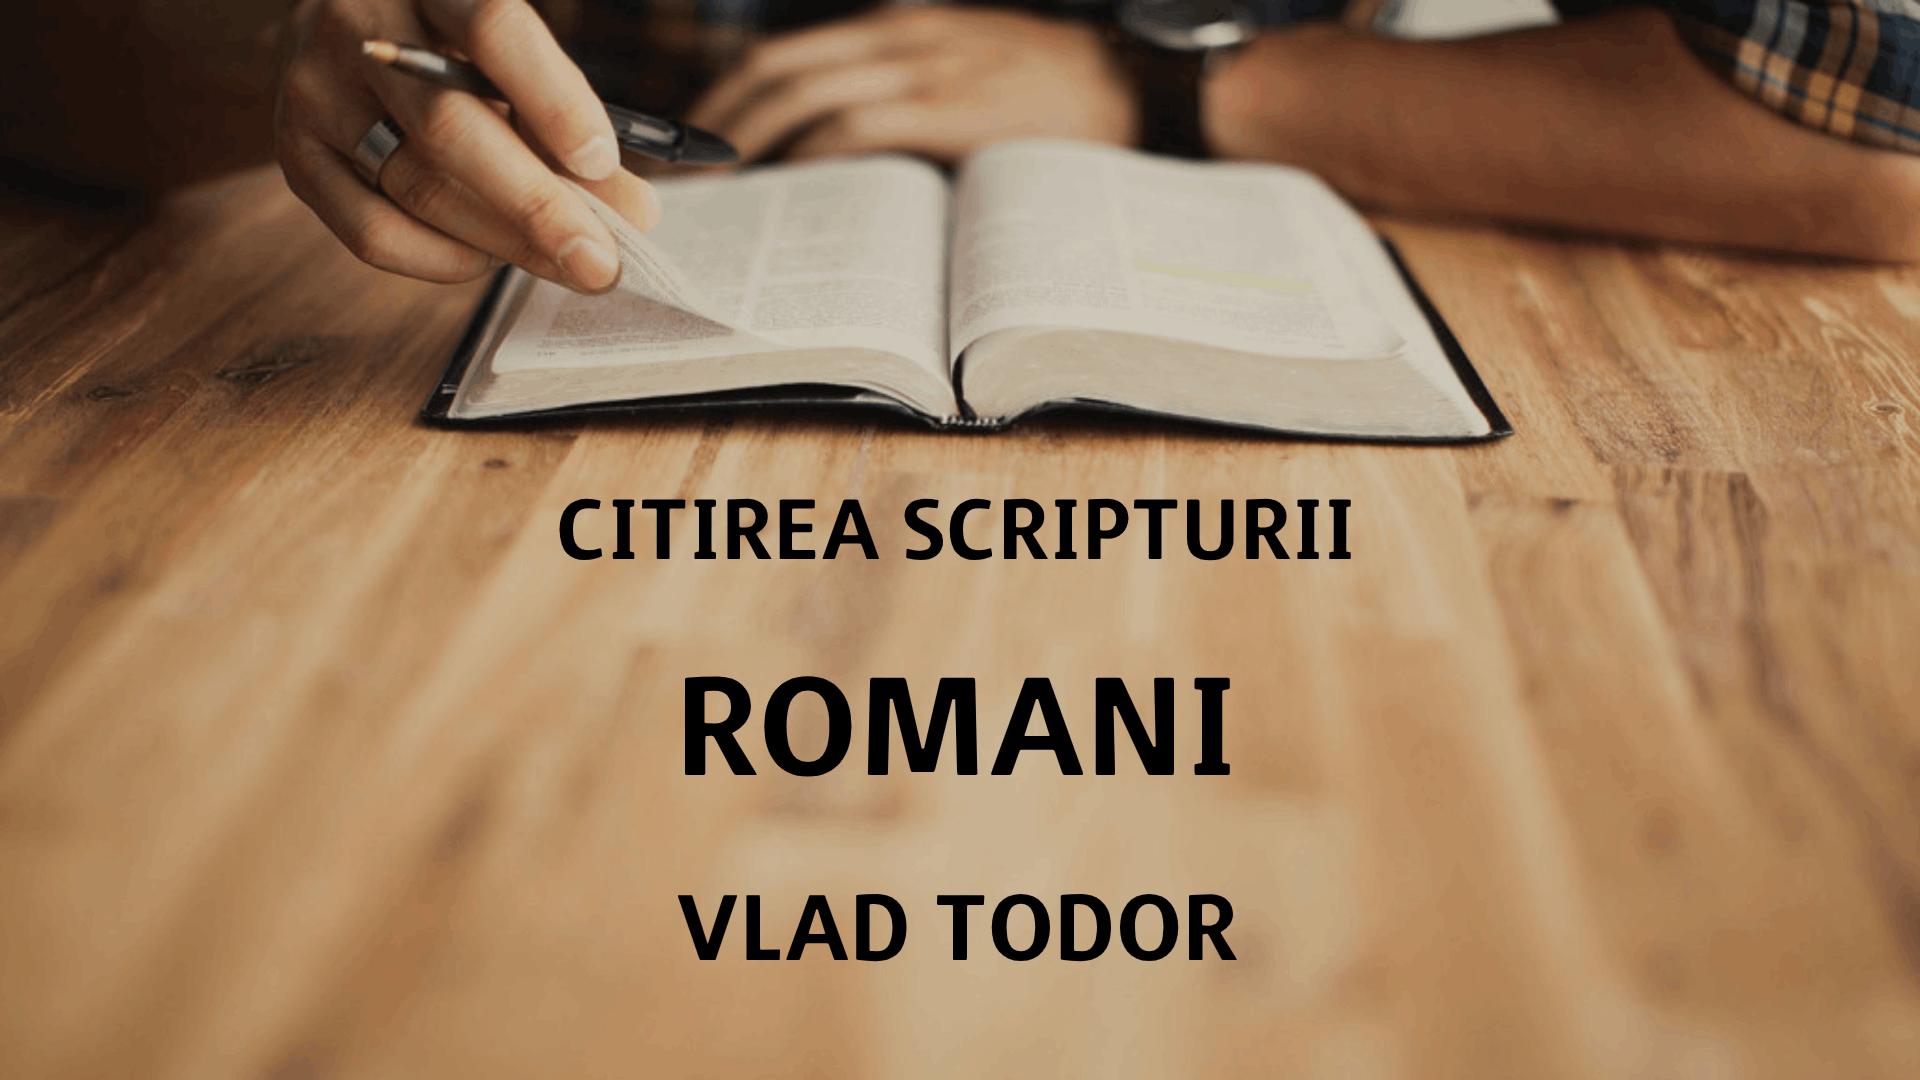 Citirea Scripturii - Romani - Vlad Todor